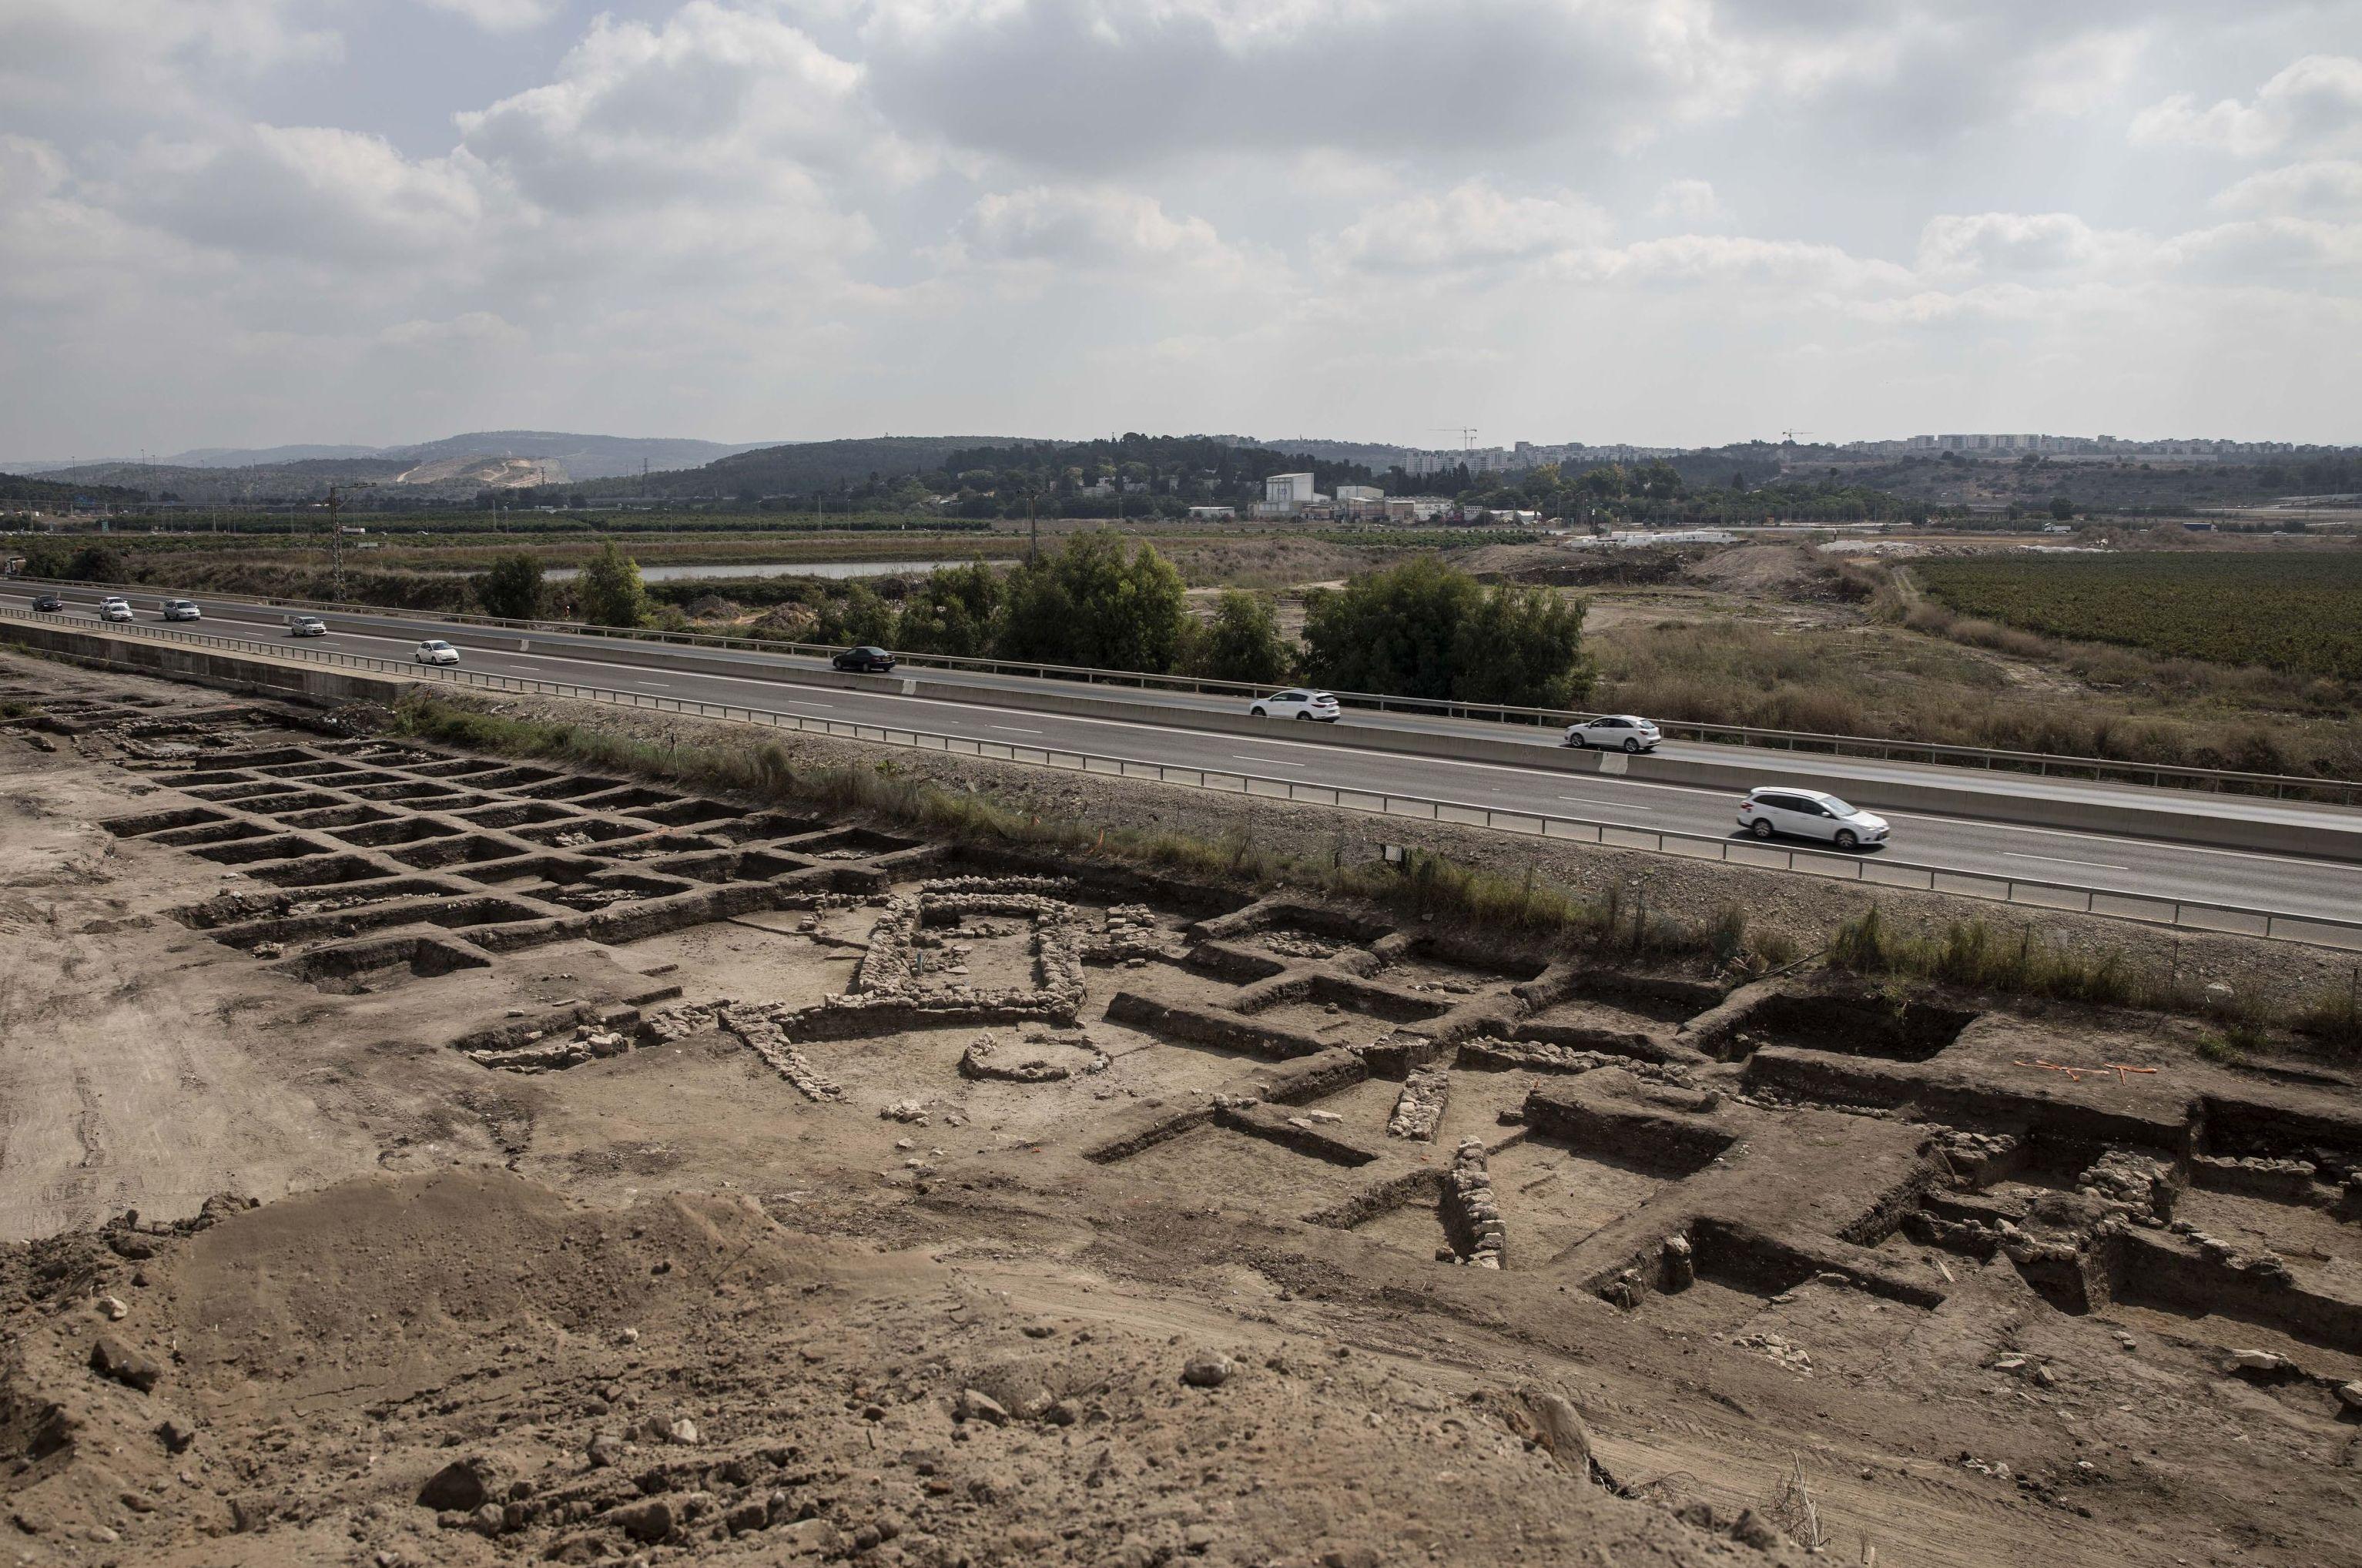 Vista geral de uma grande cidade de 5.000 anos descoberta no norte de Israel, 6 de outubro de 2019